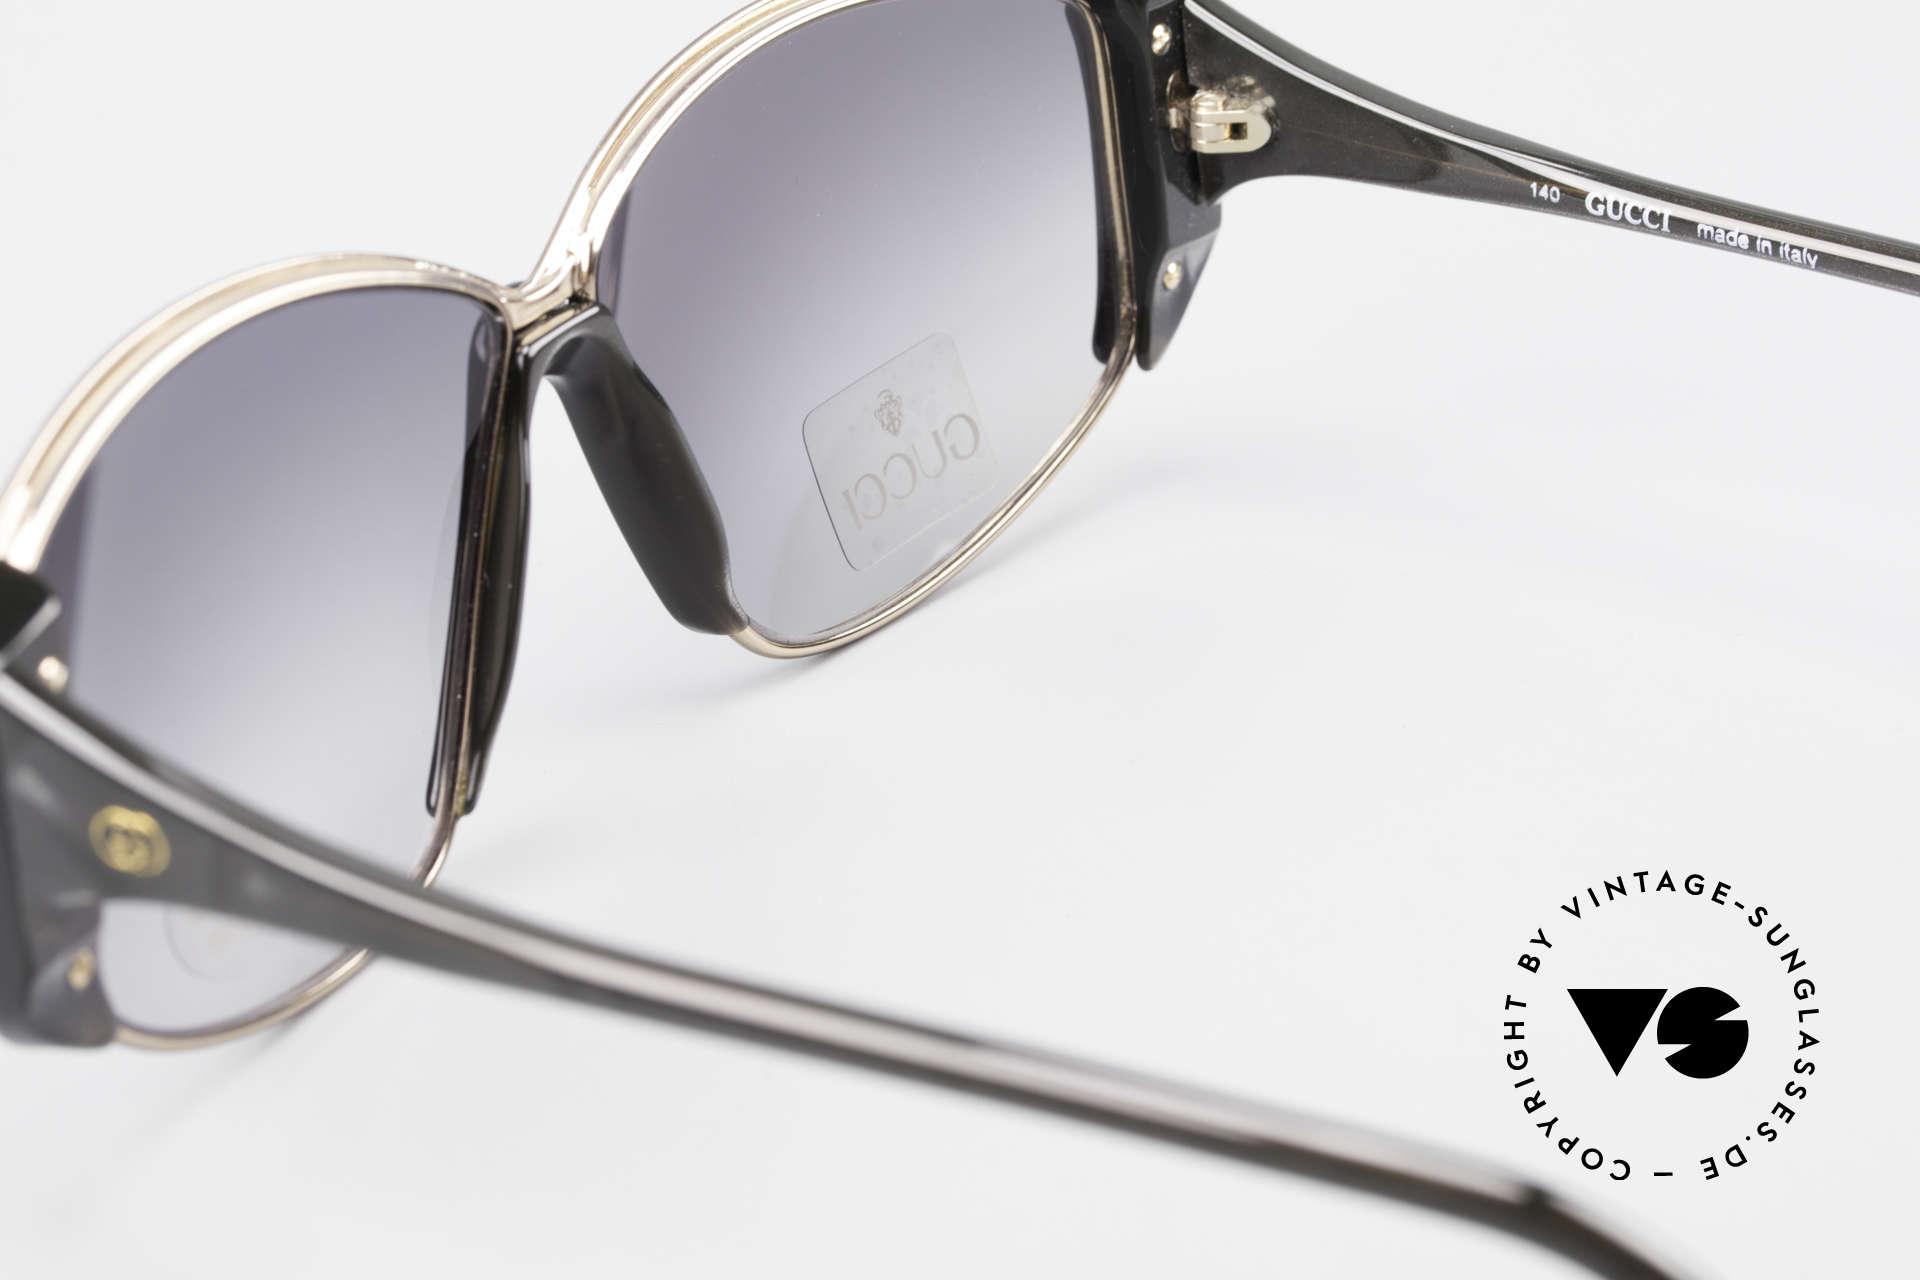 Gucci 2308 80er Damen Vintage XL Brille, KEINE RETRObrille, sondern 100% vintage ORIGINAL, Passend für Damen